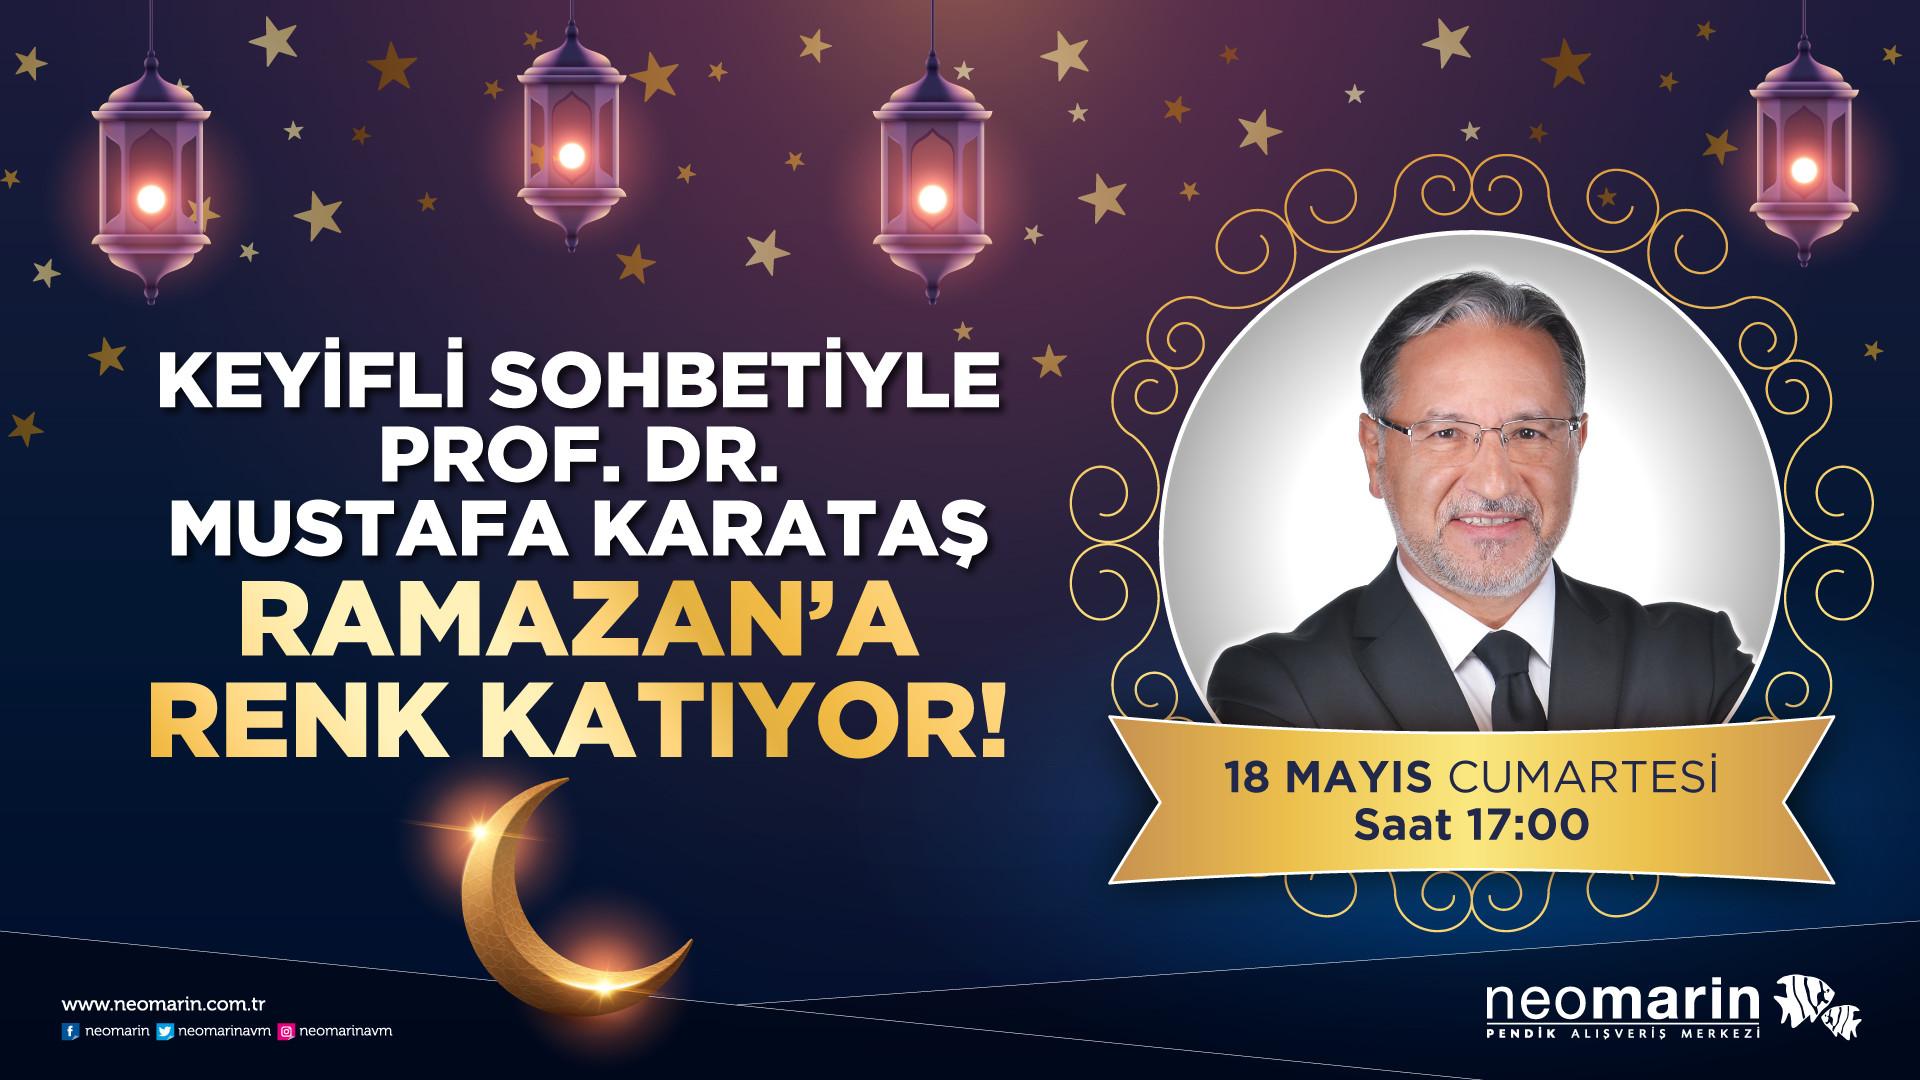 Keyifli Sohbetiyle Prof. Dr. Mustafa Karataş Ramazan'a Renk Katıyor!